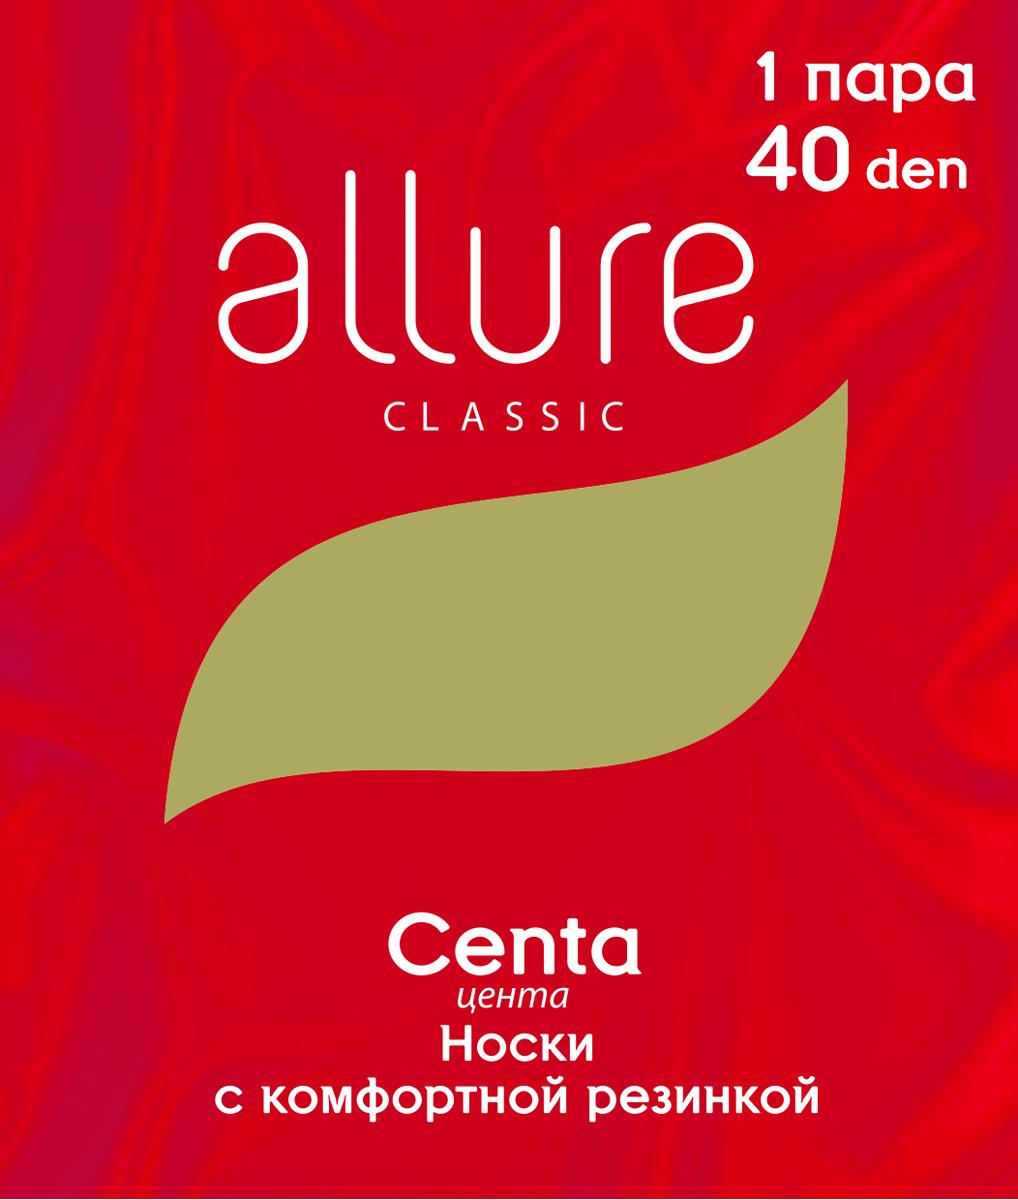 Носки женские Allure Centa 40, цвет:  Caramello (бежевый).  Размер универсальный Allure